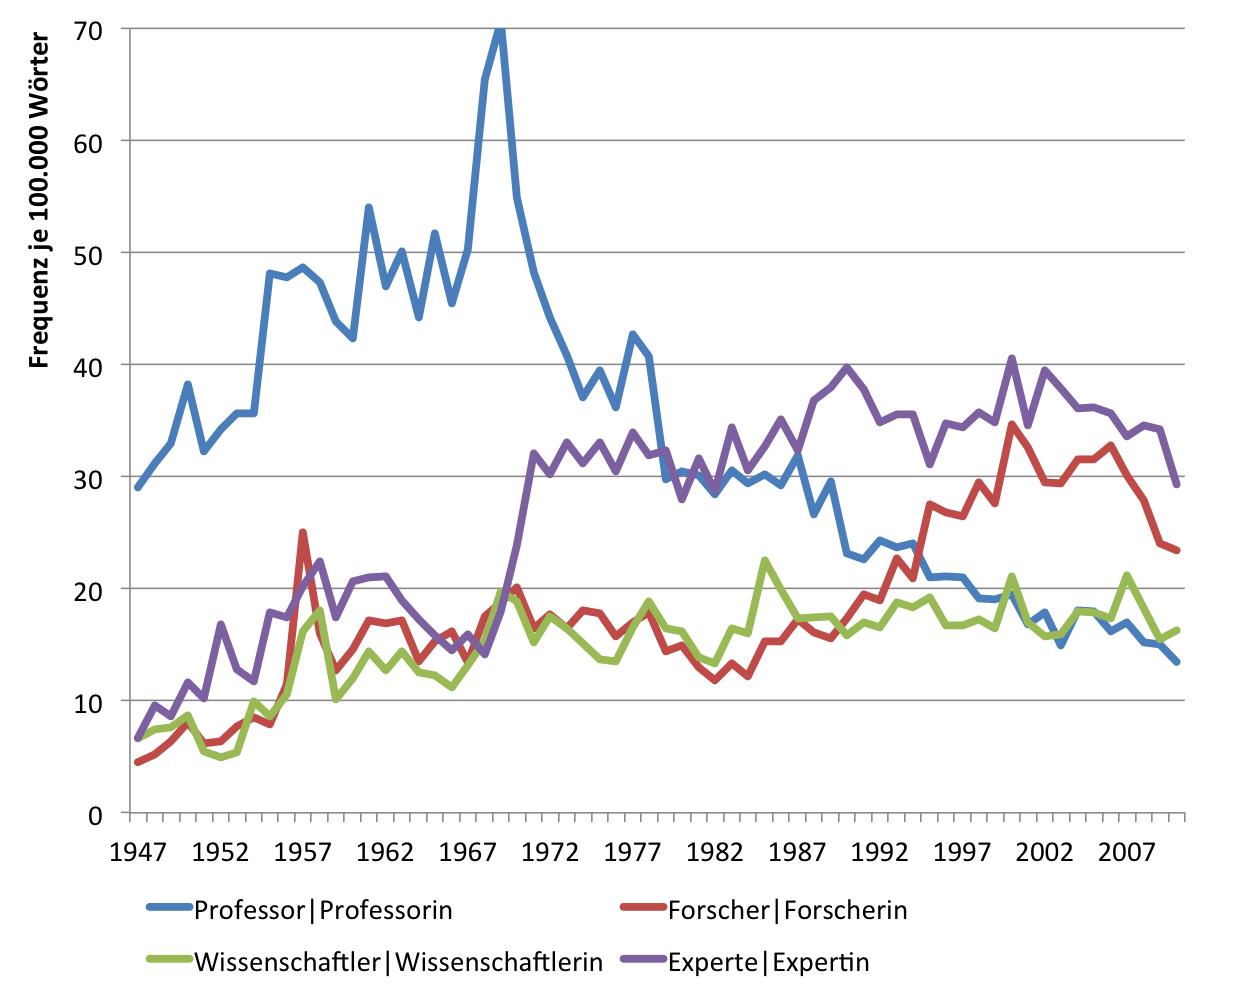 """Entwicklung der relativen Frequenz der Wörter """"Forscher"""", """"Experte"""", Wissenschaftler"""" und """"Professor"""" je 100.000 Wörter im SPIEGEL (print)"""